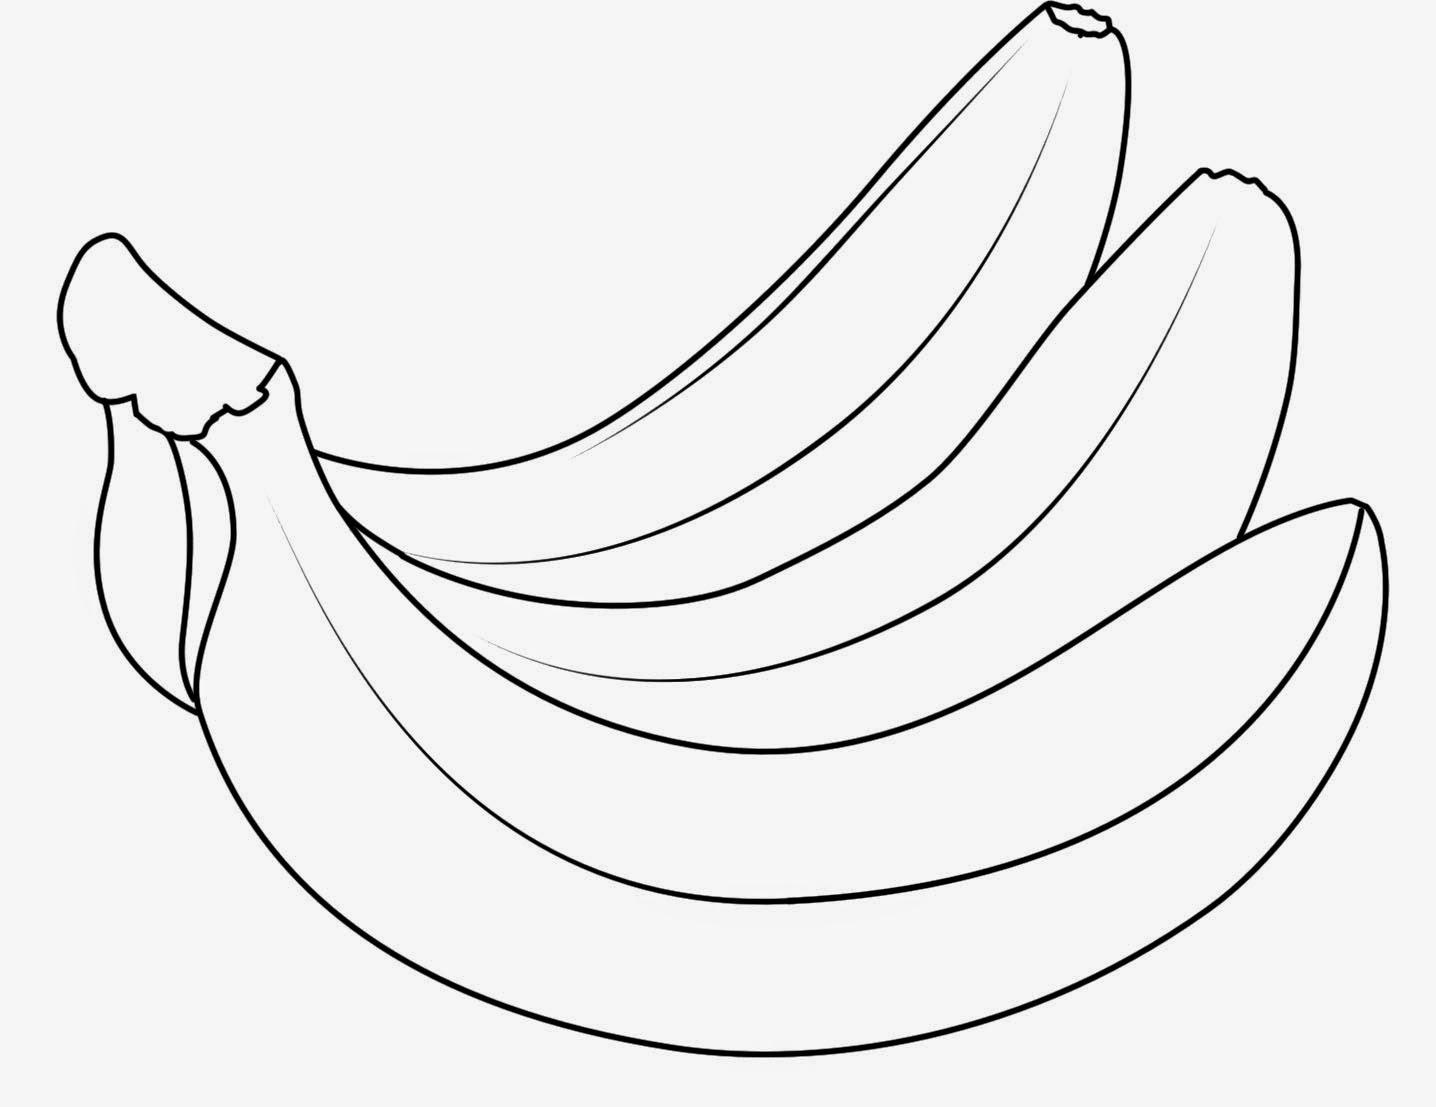 gratis mewarnai gambar buah pisang untuk anak